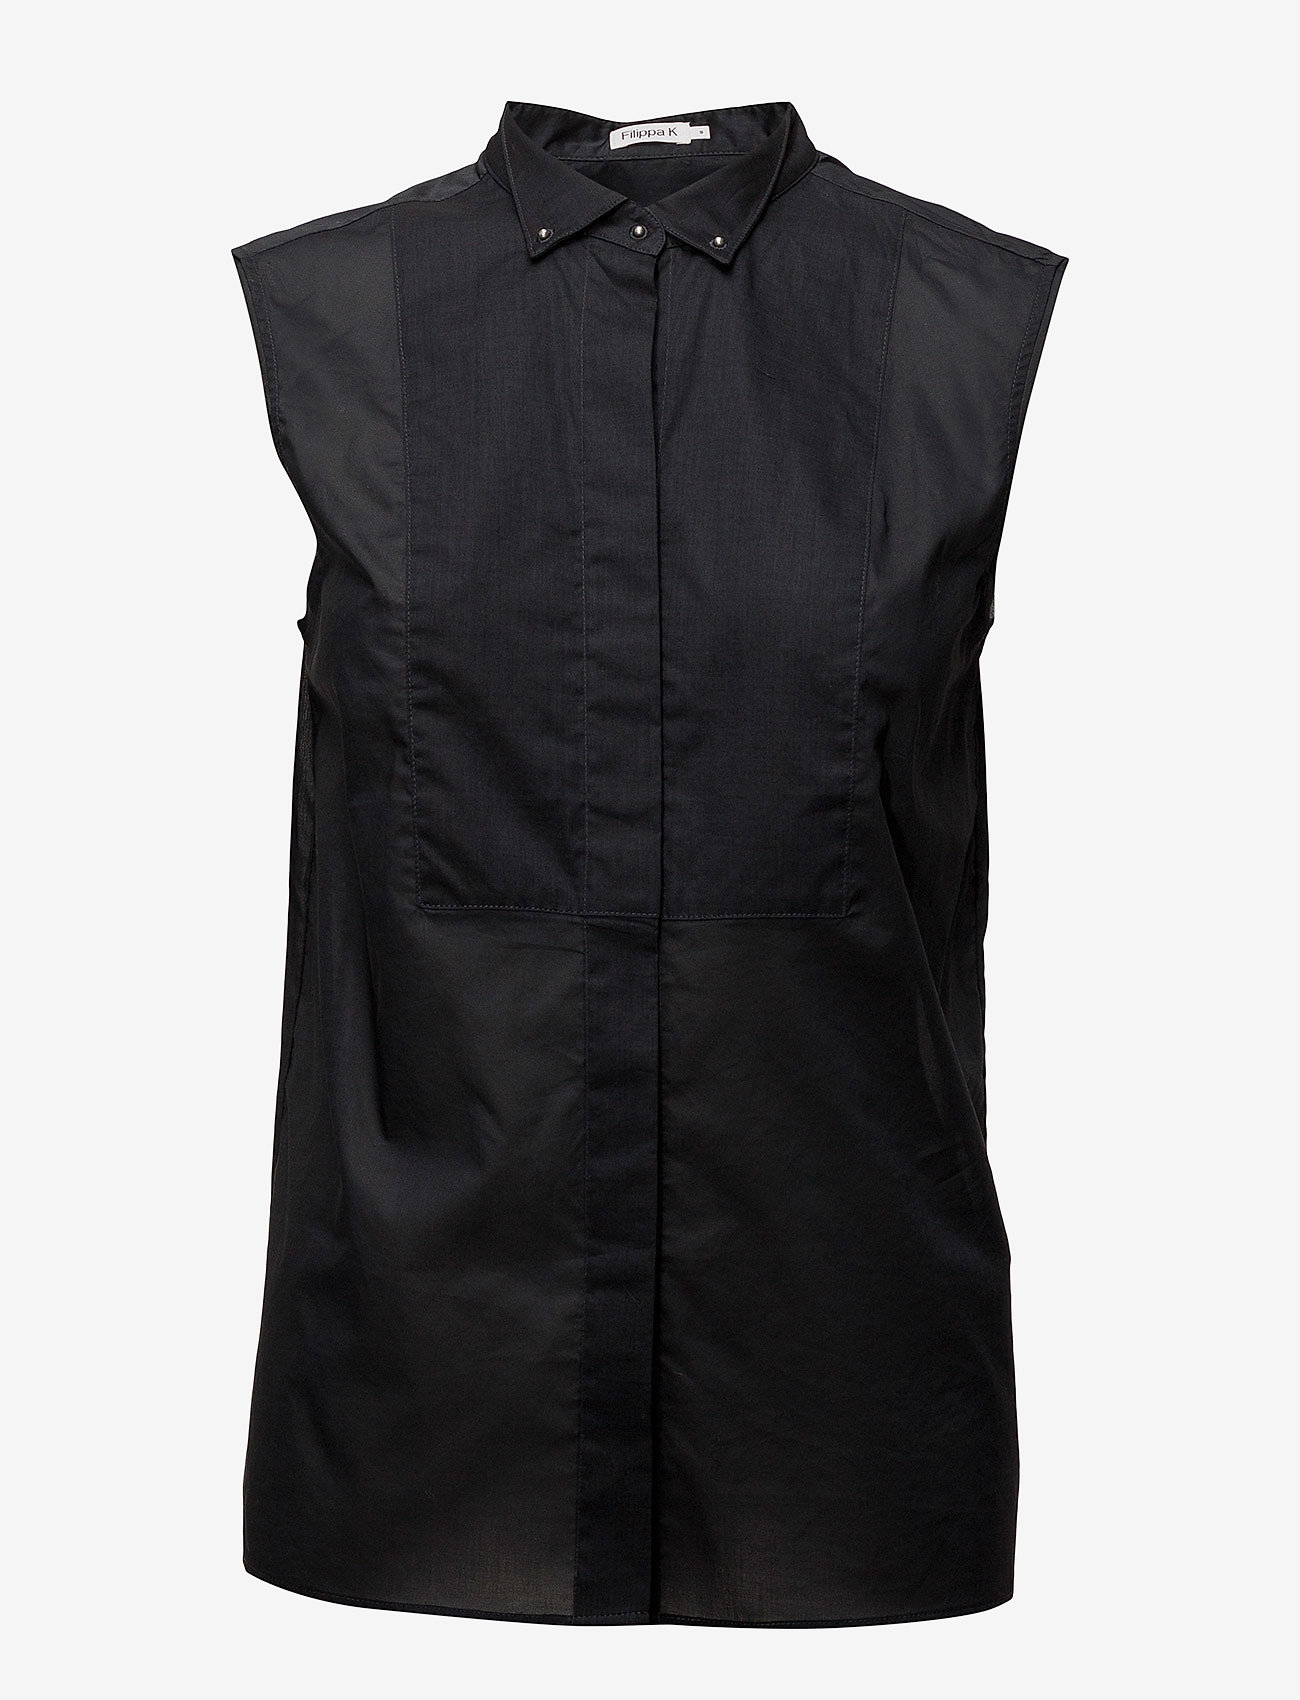 Filippa K - Tuxedo Sleeveless shirt - lyhythihaiset paidat - black - 0